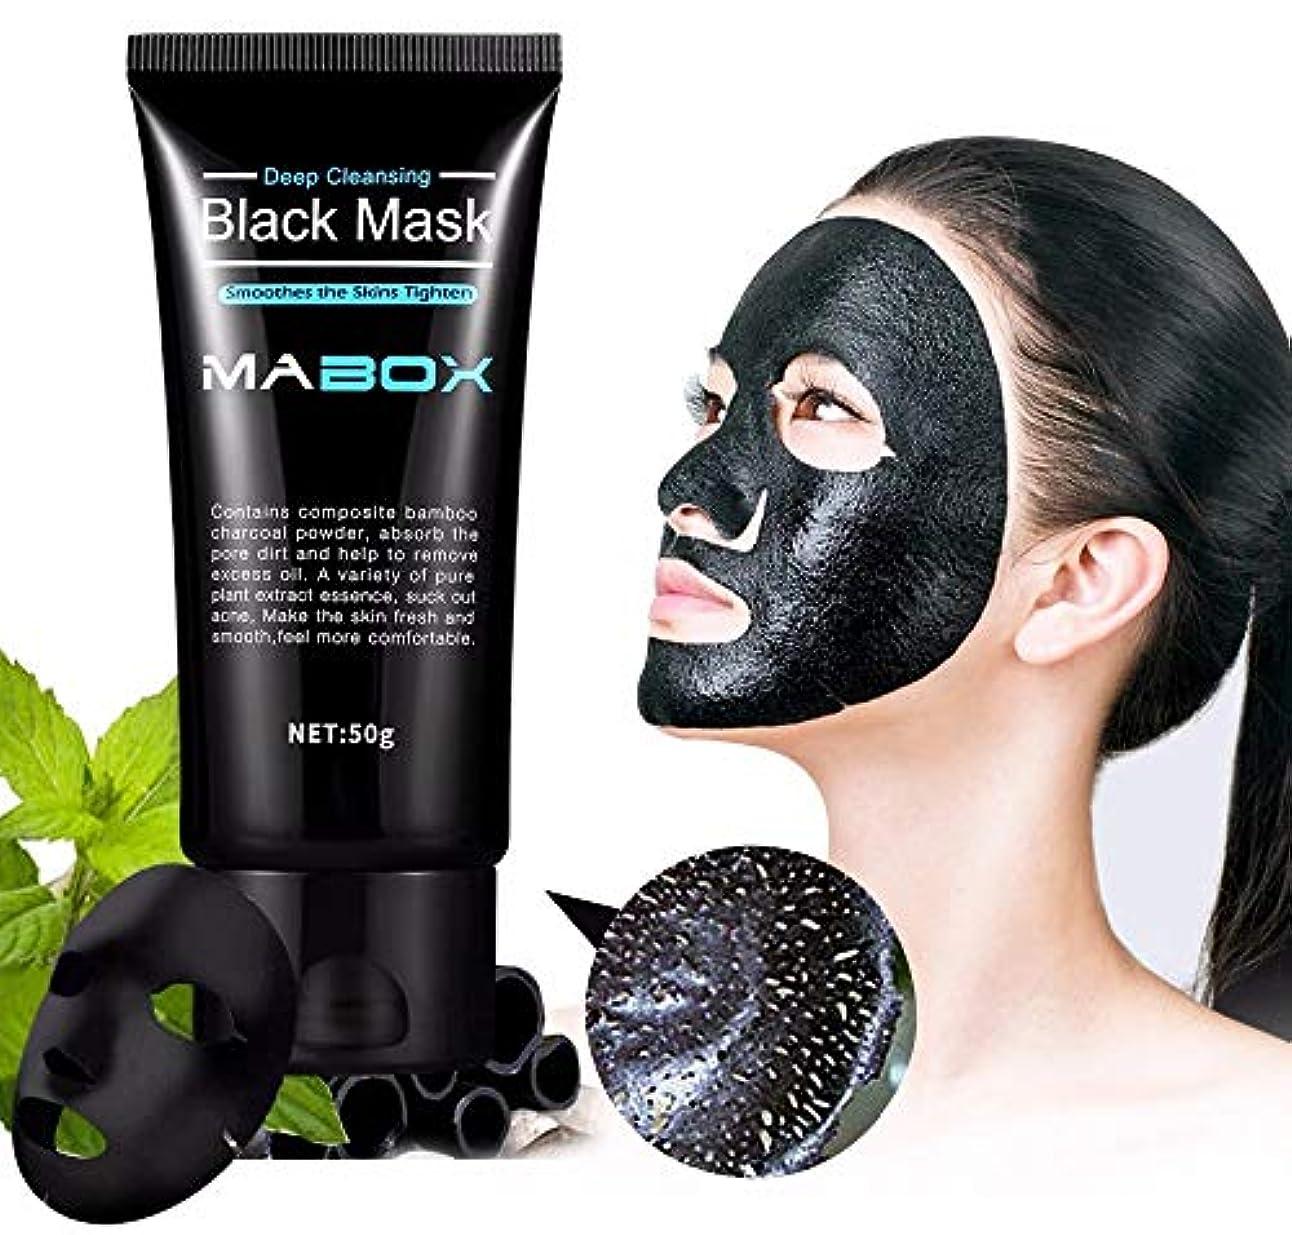 目を覚ます彼女は苦味Mabox Black Mask Peel Off Bamboo Charcoal Purifying Blackhead Remover Mask Deep Cleansing for AcneScars Blemishes...